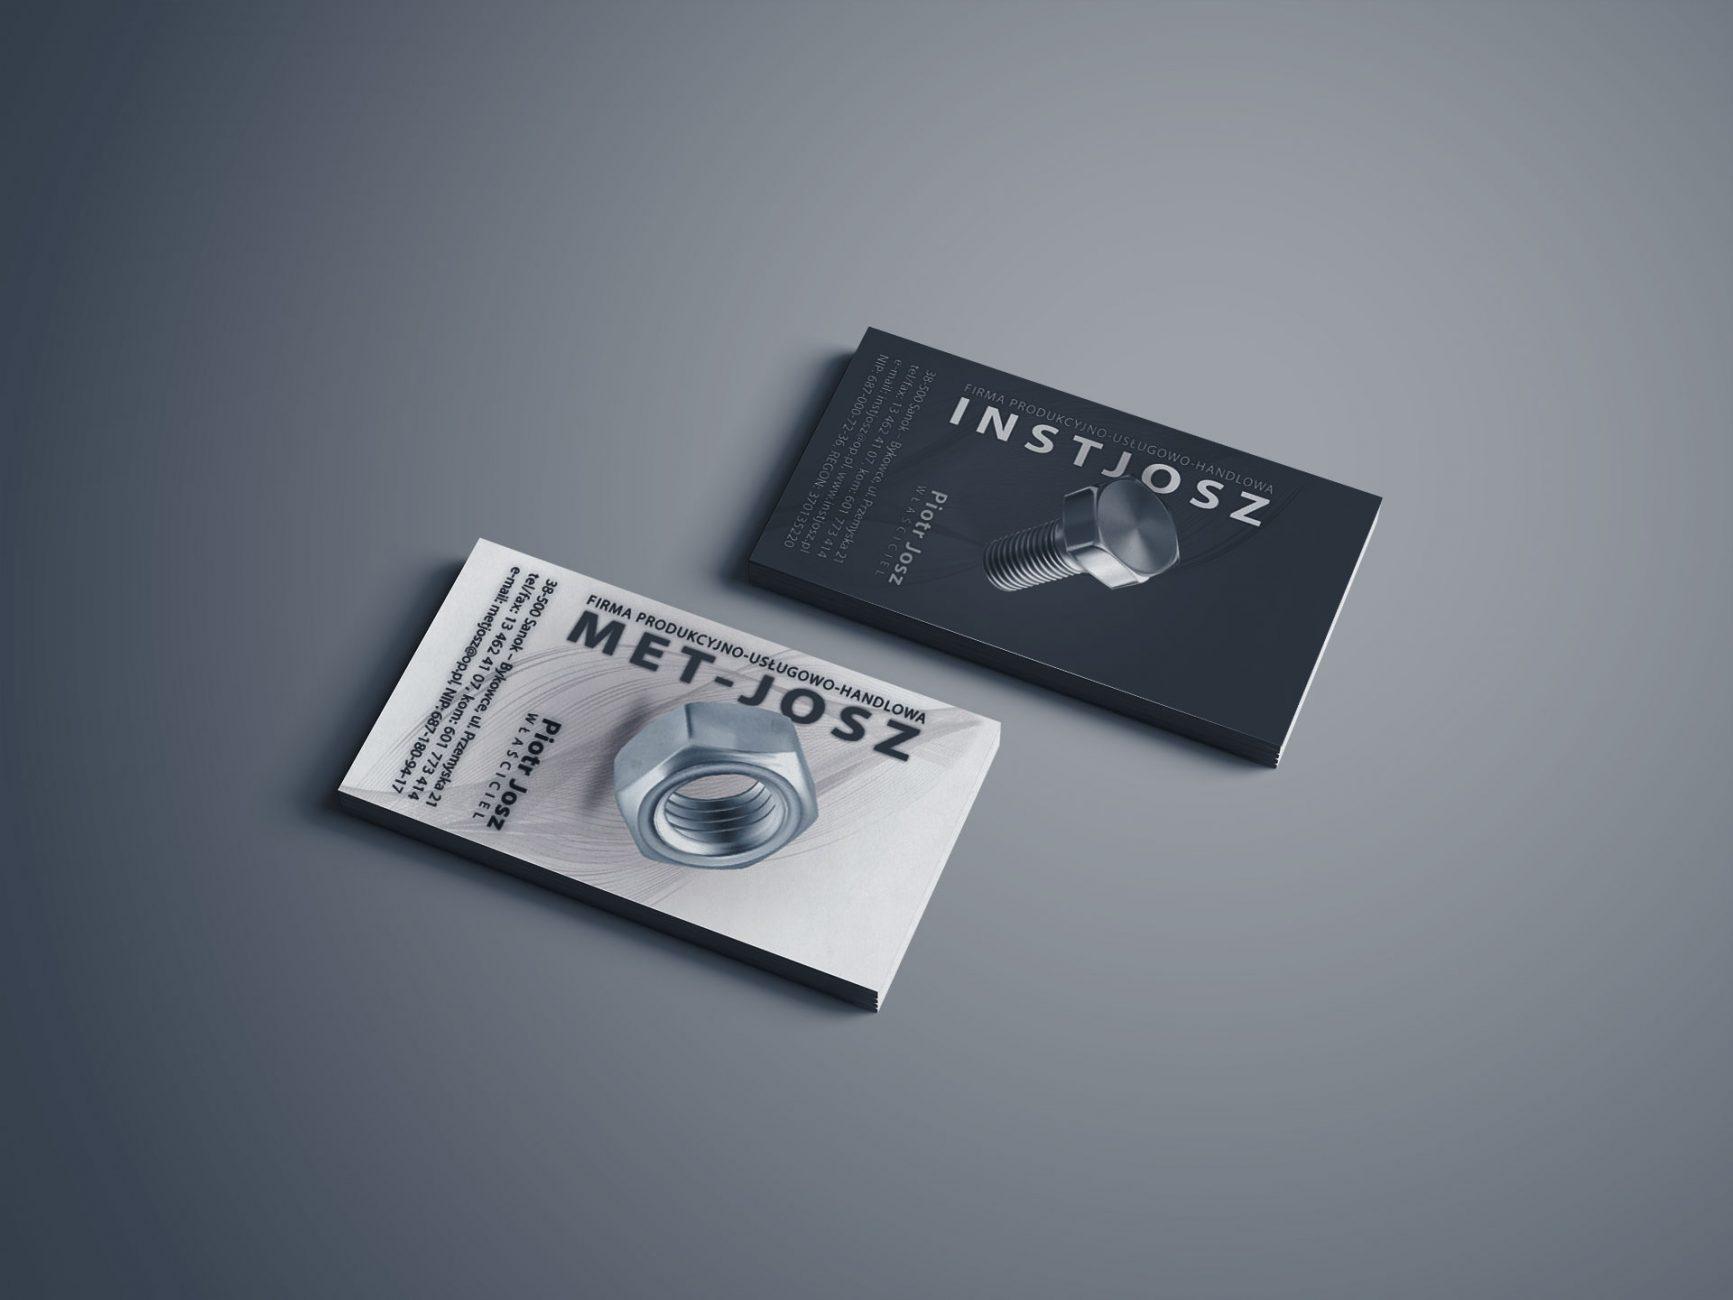 projekt wizytówek dla firm INST-JOSZ oraz MET-JOSZ